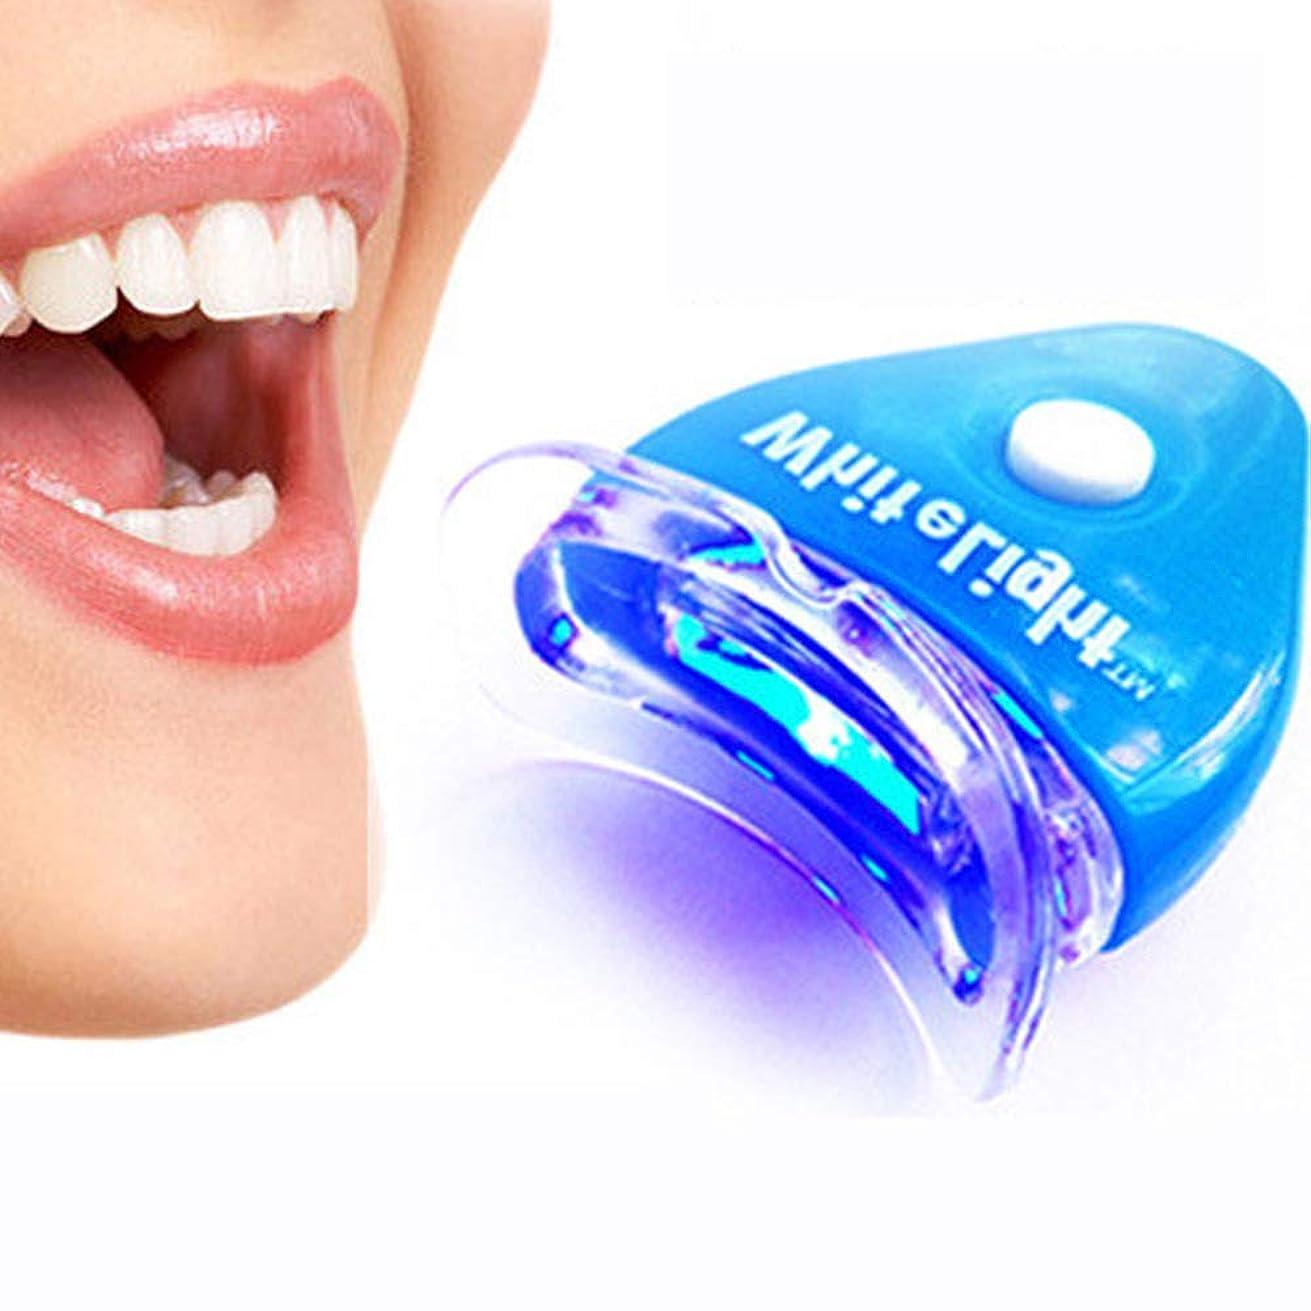 回想エンドテーブルセンチメートルIPO 歯ホワイトニング器 歯美白器 美歯器 歯 ホワイトニング ホワイトナー ケア 歯の消しゴム 歯科機器 口腔ゲルキット ブルー